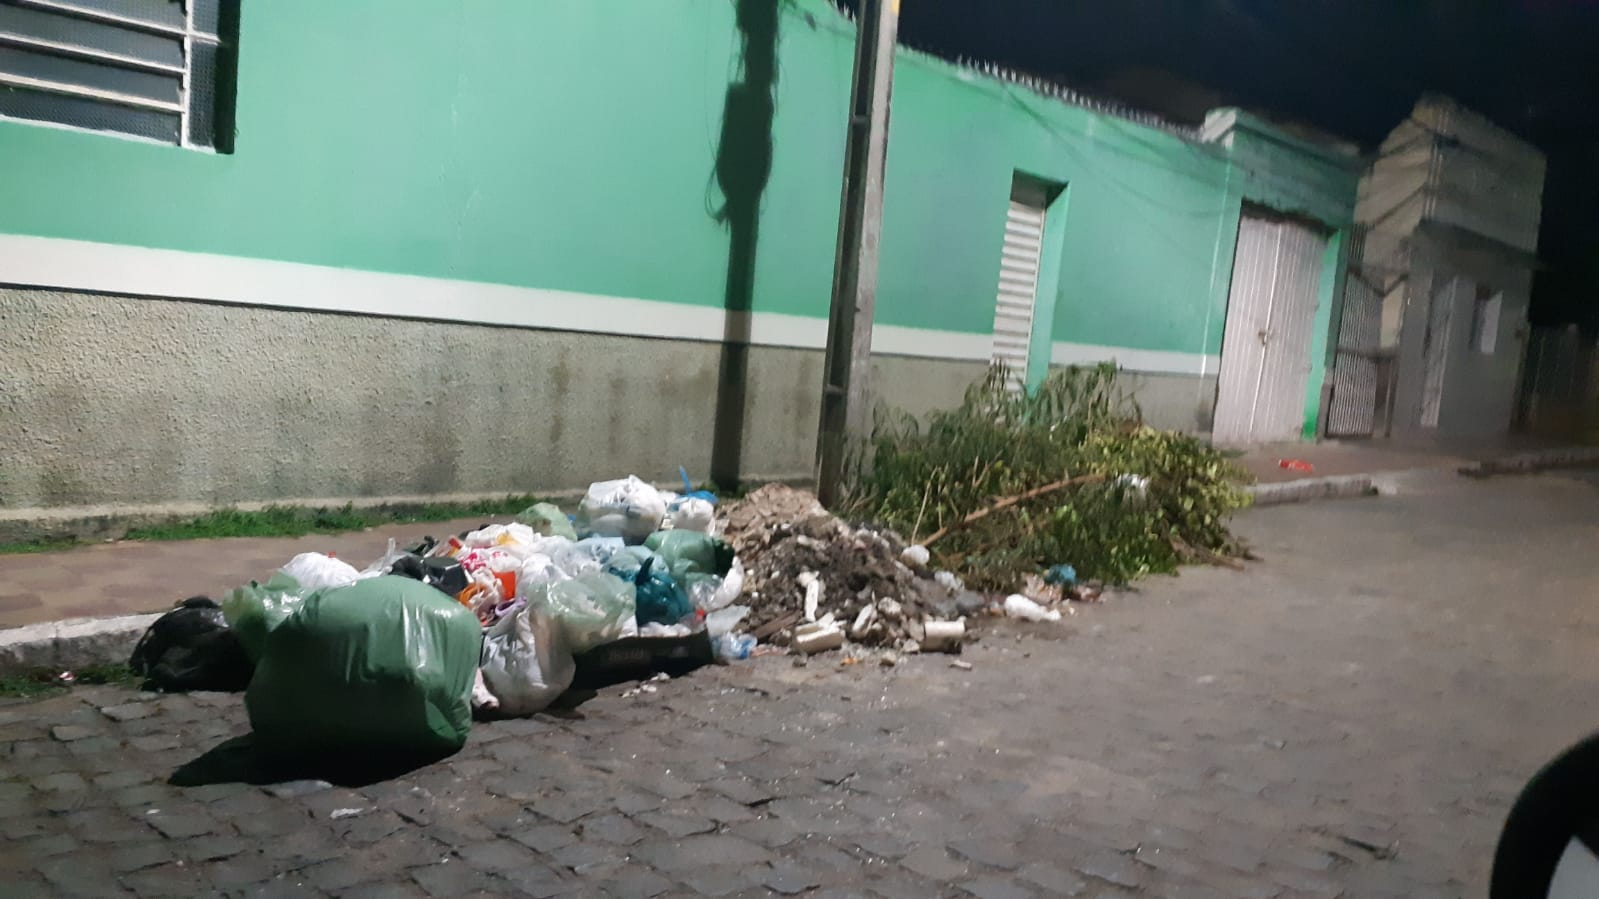 Internauta denuncia acúmulo de lixo em ruas de BJ